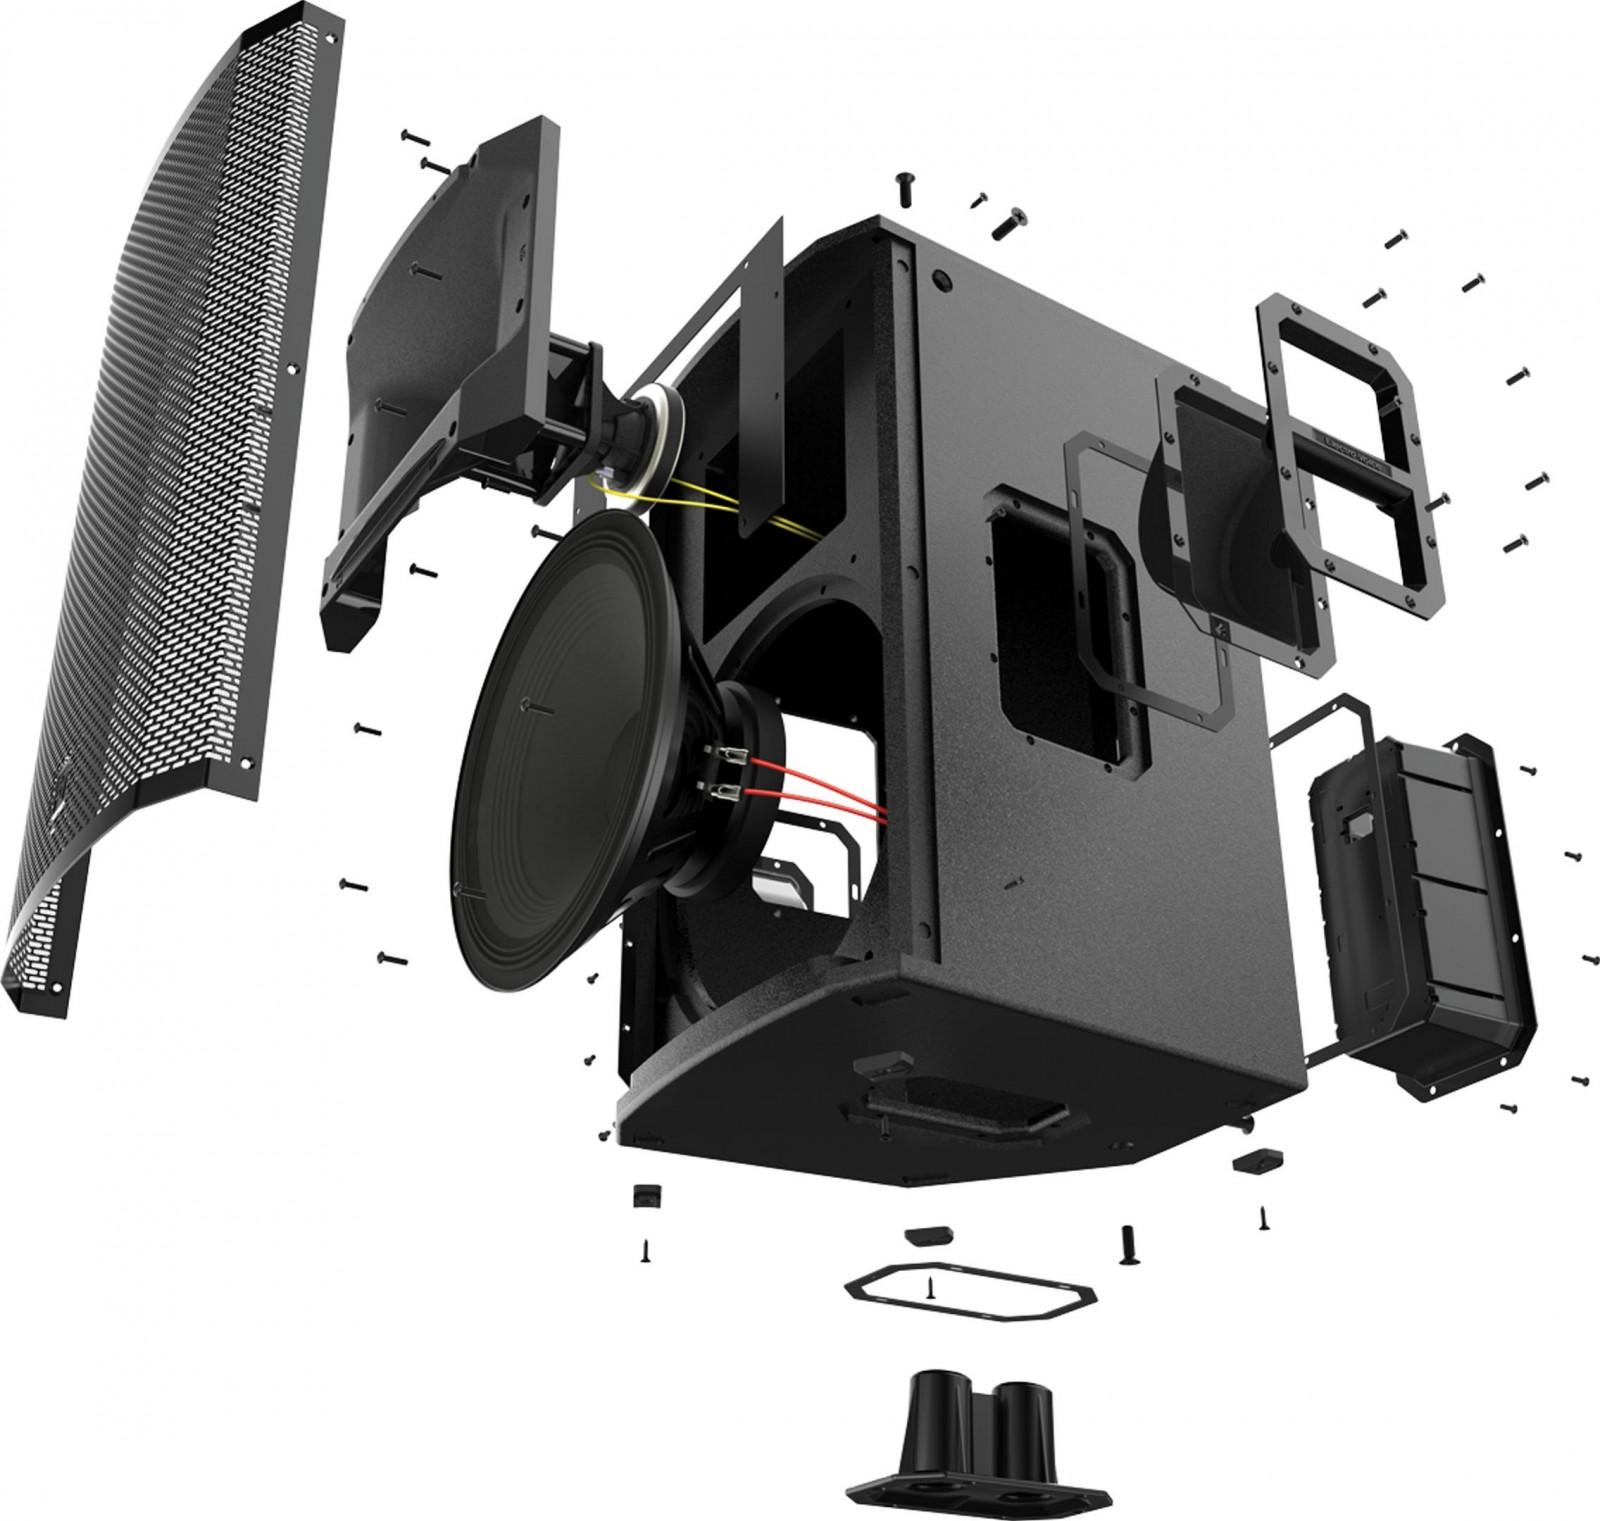 etx 15P rozobrata Electro Voice ETX 15P